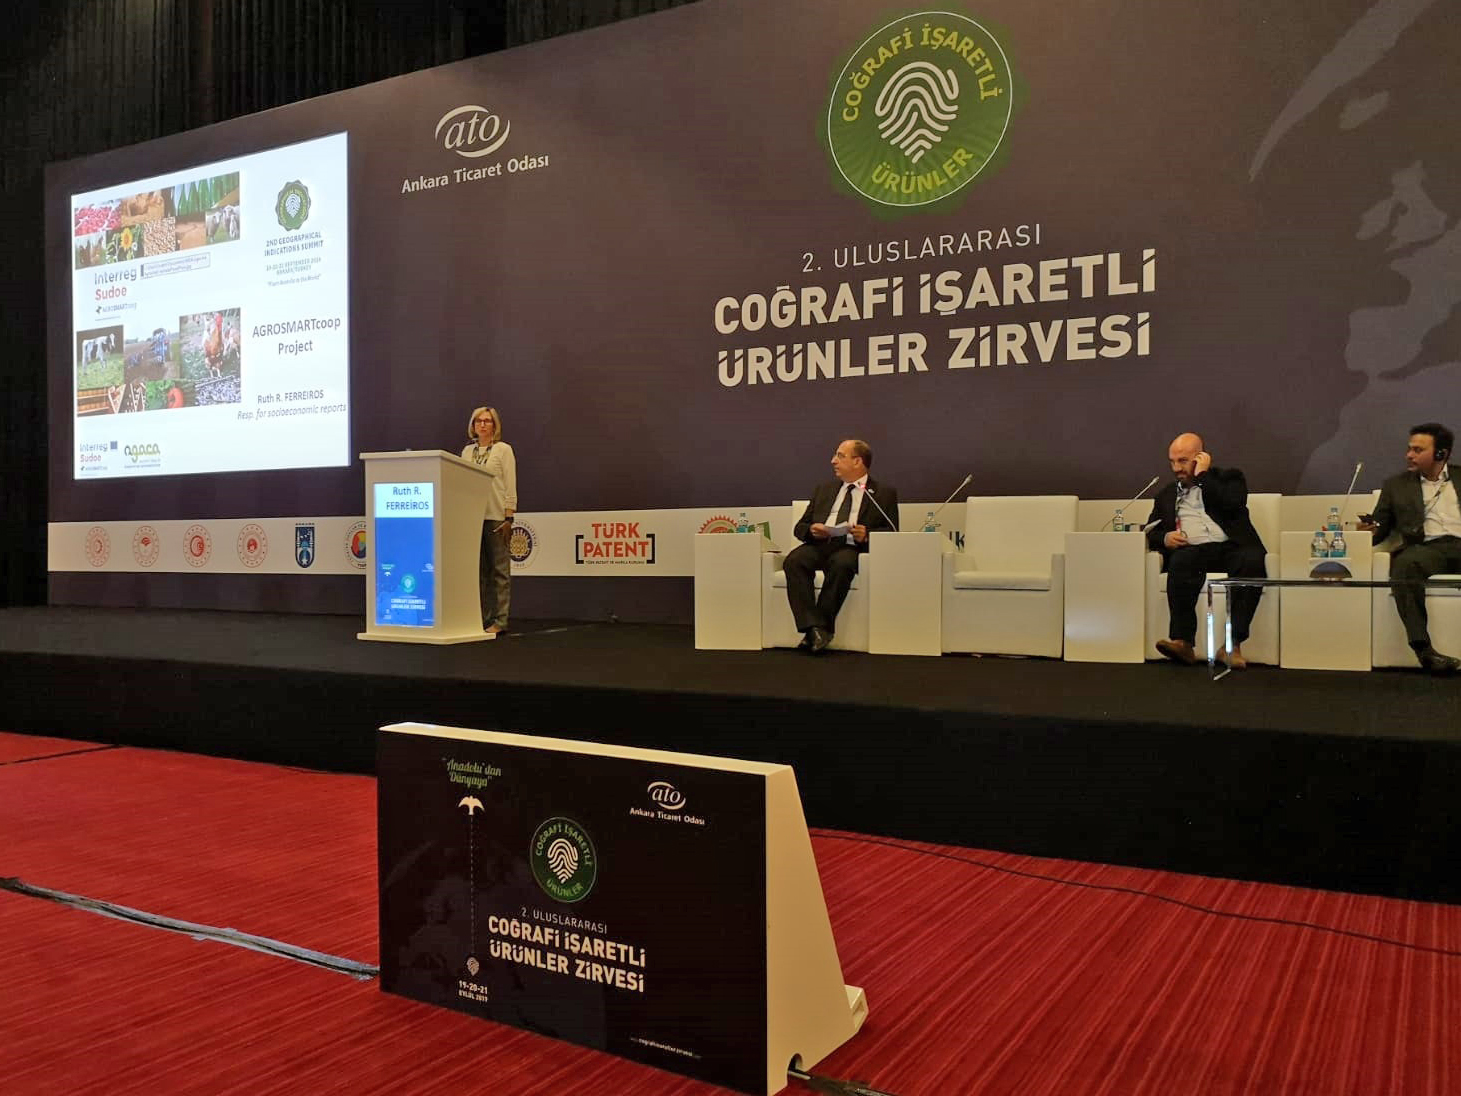 El proyecto europeo AGROSMARTcoop fue presentado en la II Cumbre de Indicaciones Geográficas en Turquía